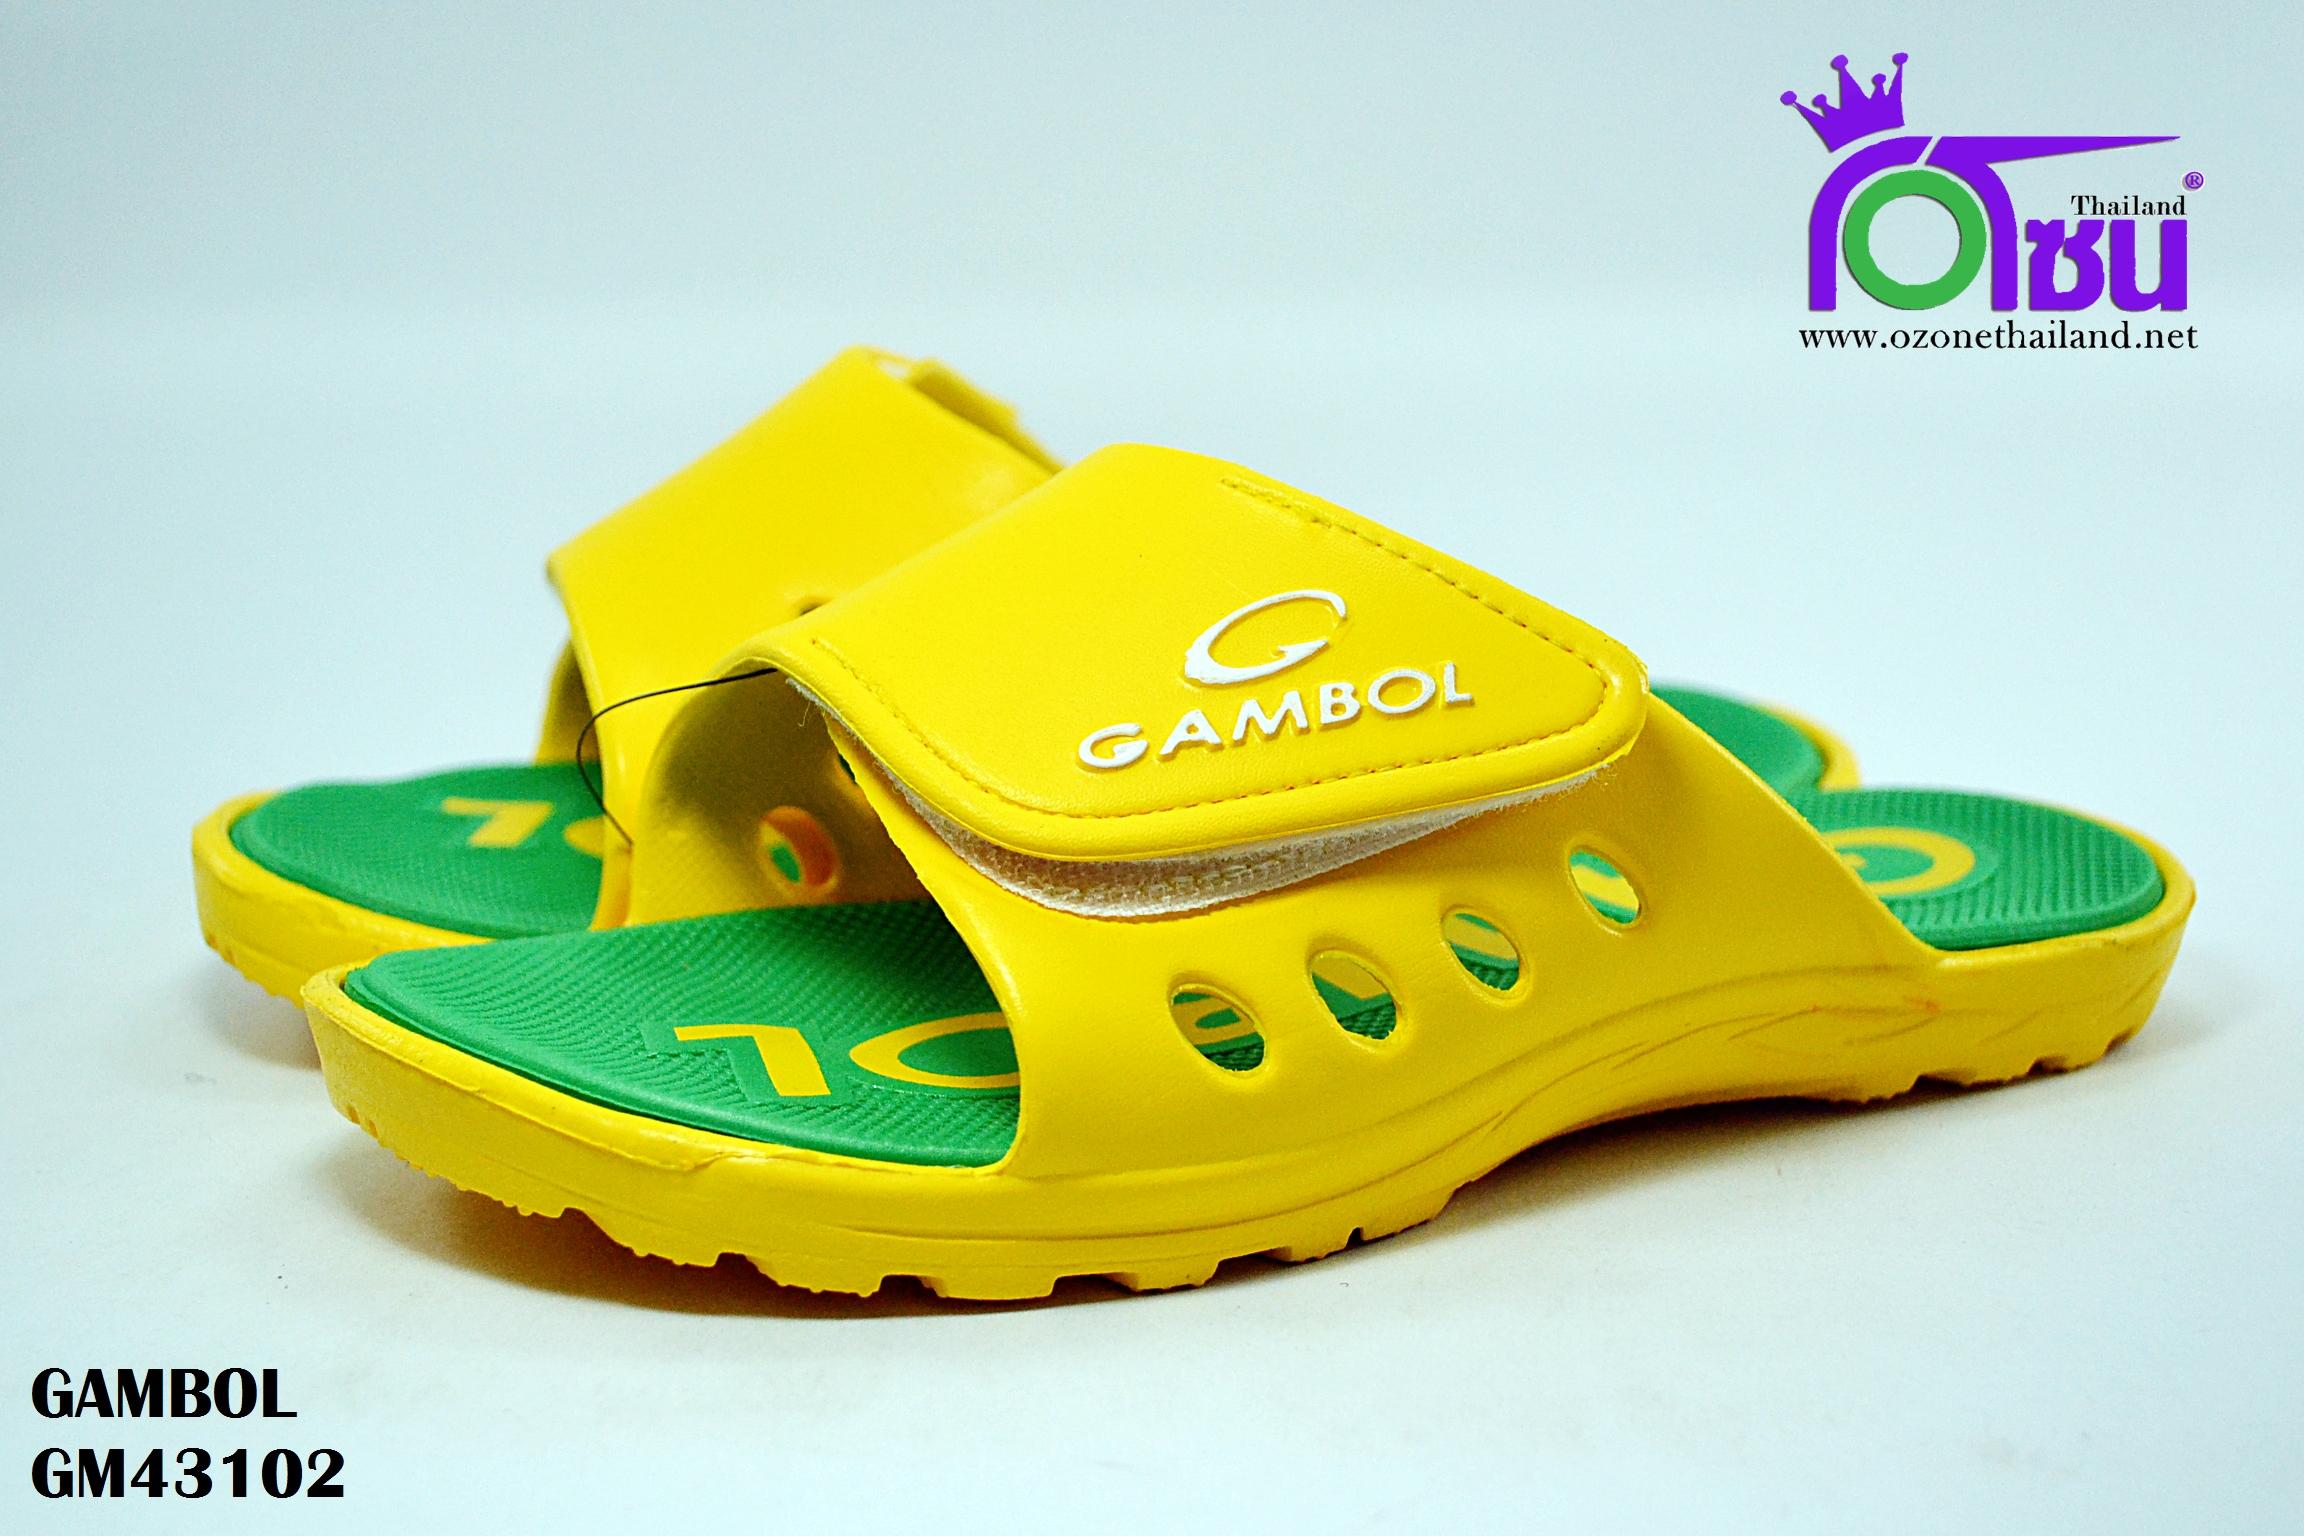 รองเท้าแตะ GAMBOL แกมโบล รุ่น GM 43102 สีเหลือง/เขียว เบอร์ 4-9